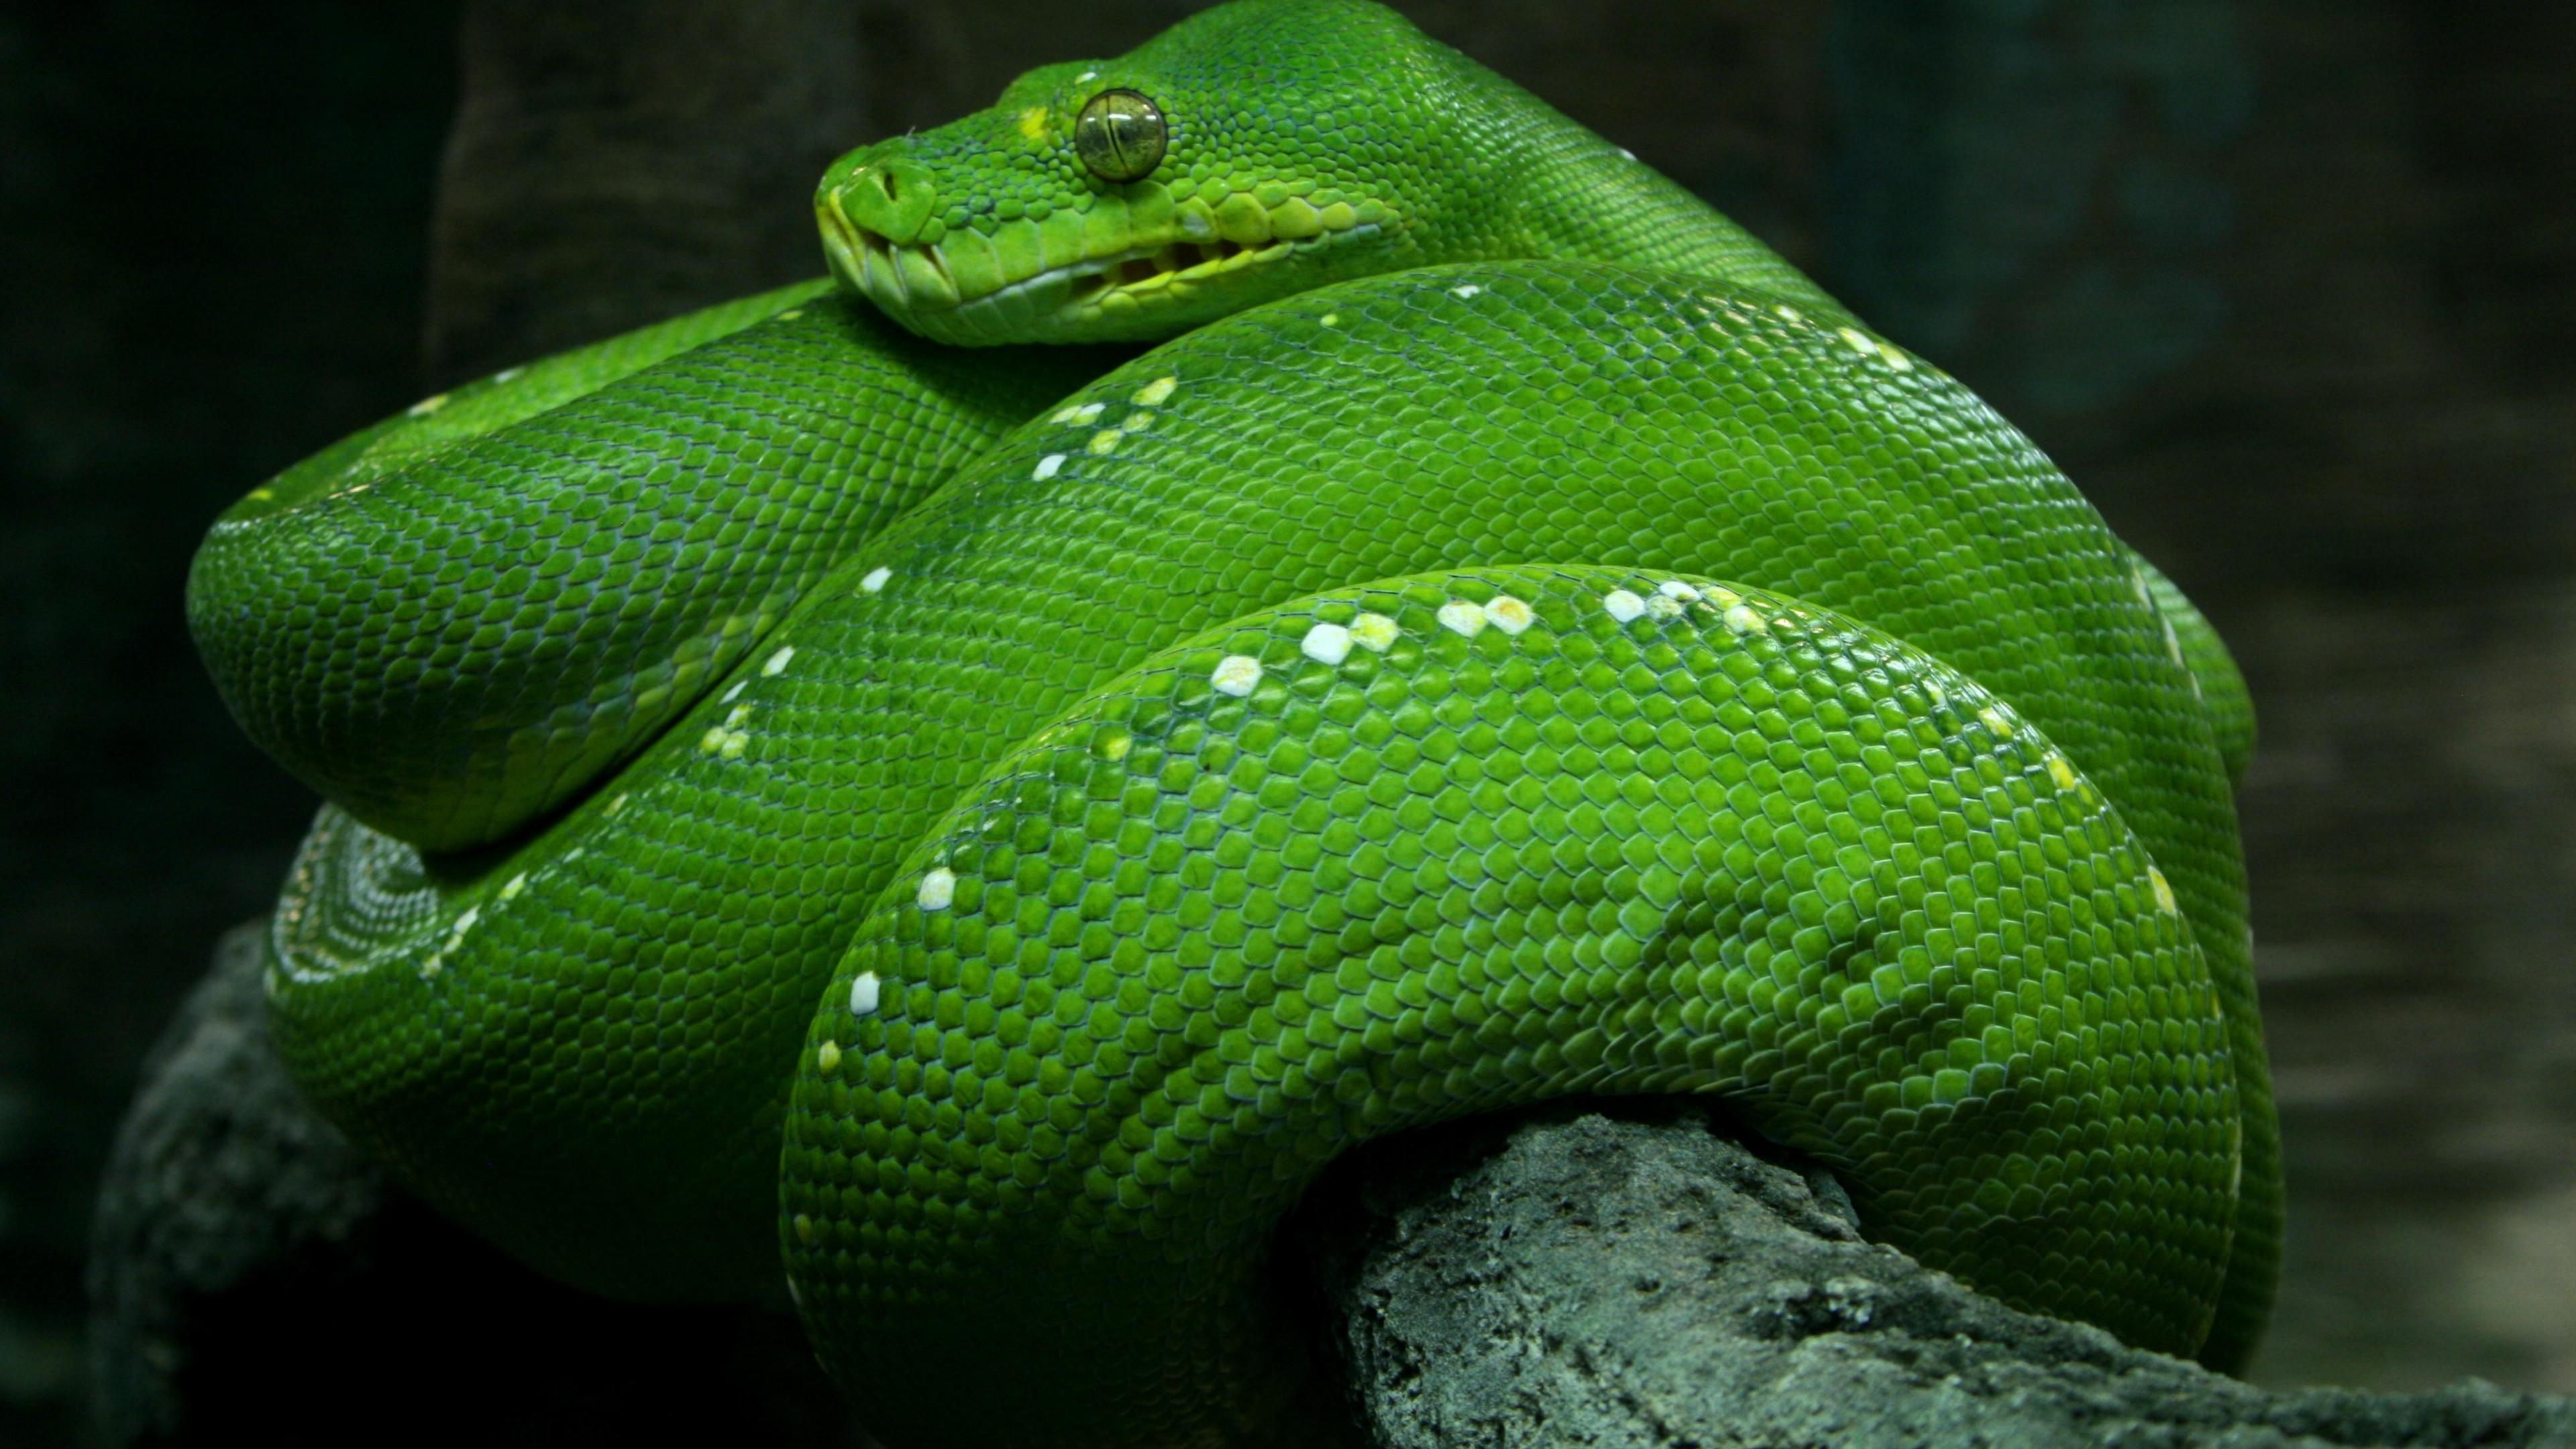 Wallpaper python singapore 4k hd wallpaper zoo - Green snake hd wallpaper ...